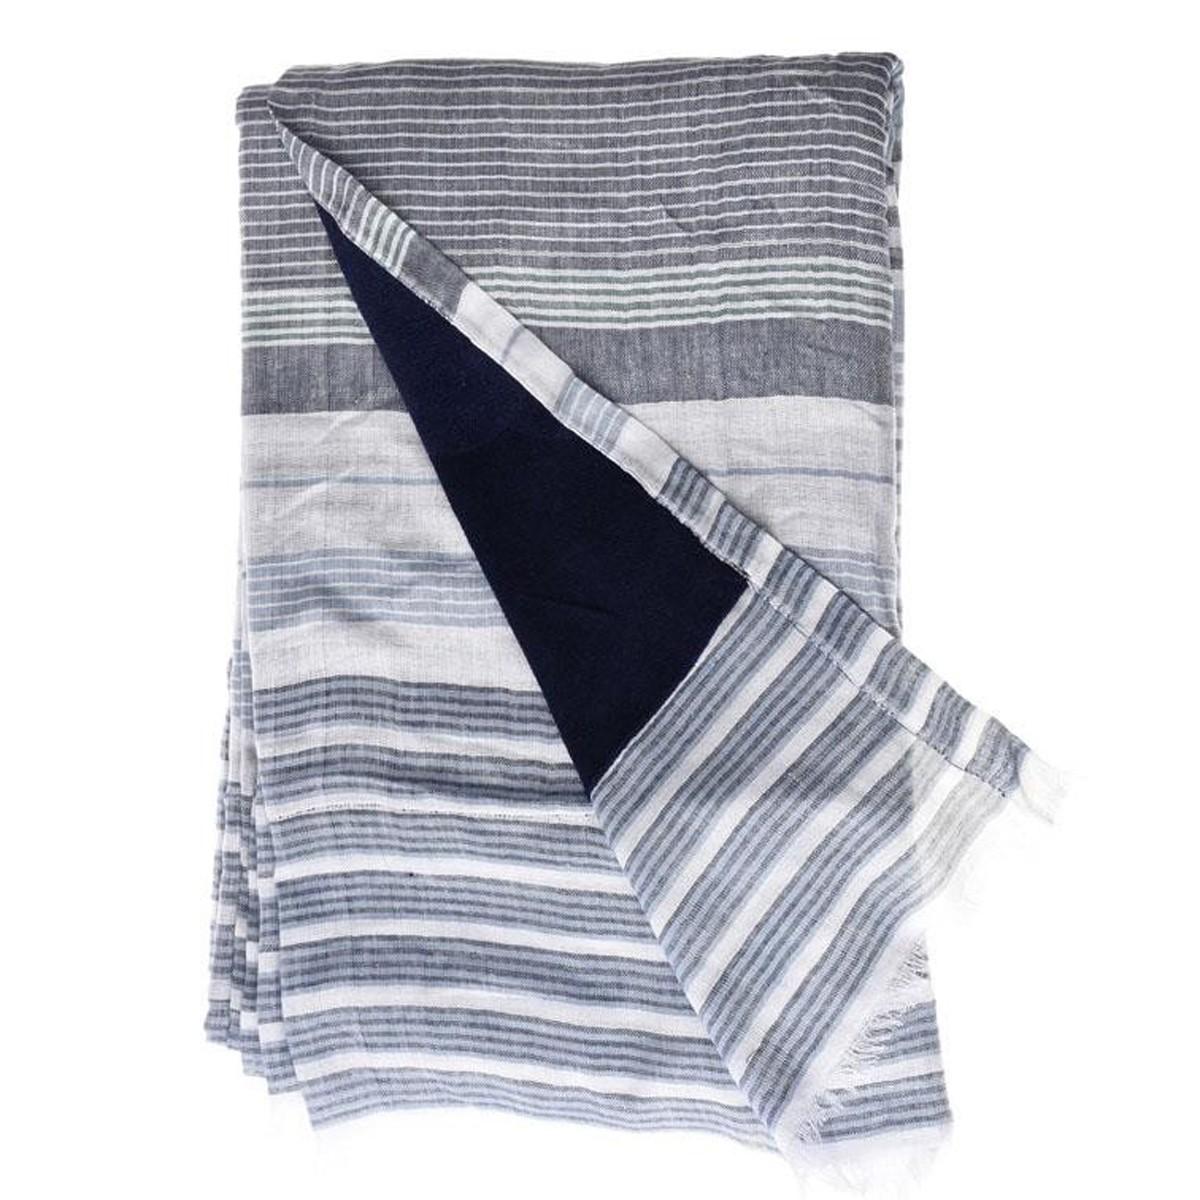 Πετσέτα Θαλάσσης-Παρεό InArt Ble 5-46-732-0001